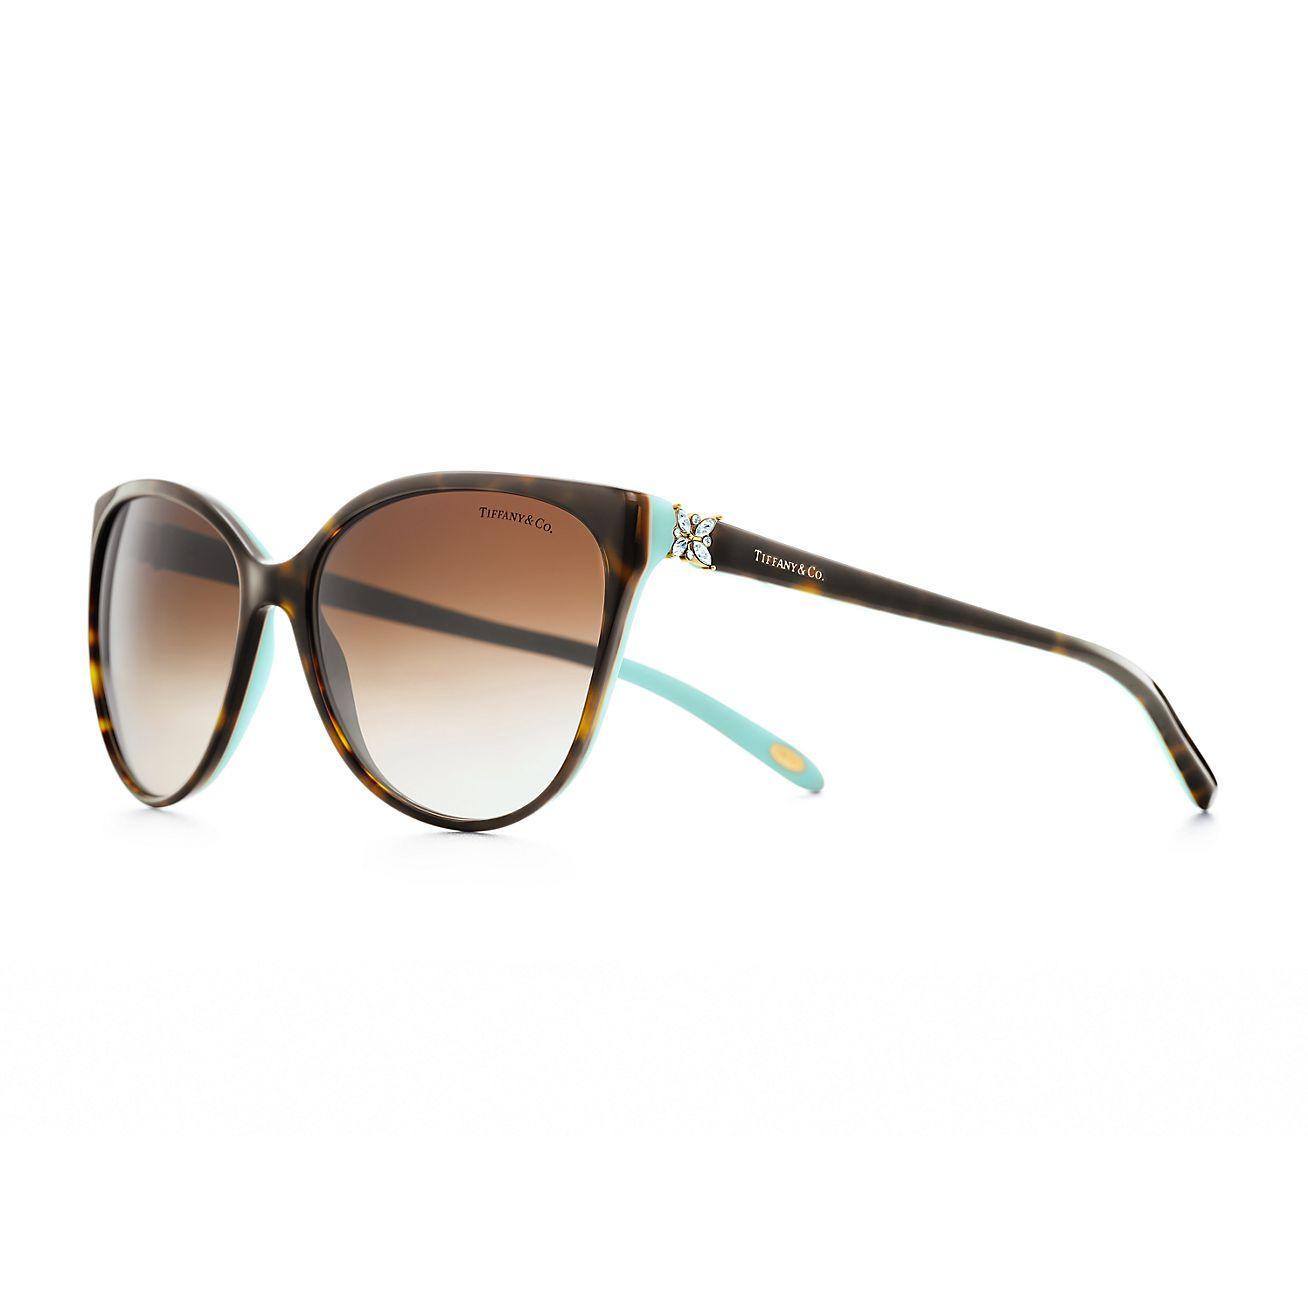 Tiffany Victoria™ Cat eye sunglasses in havana and Tiffany ...